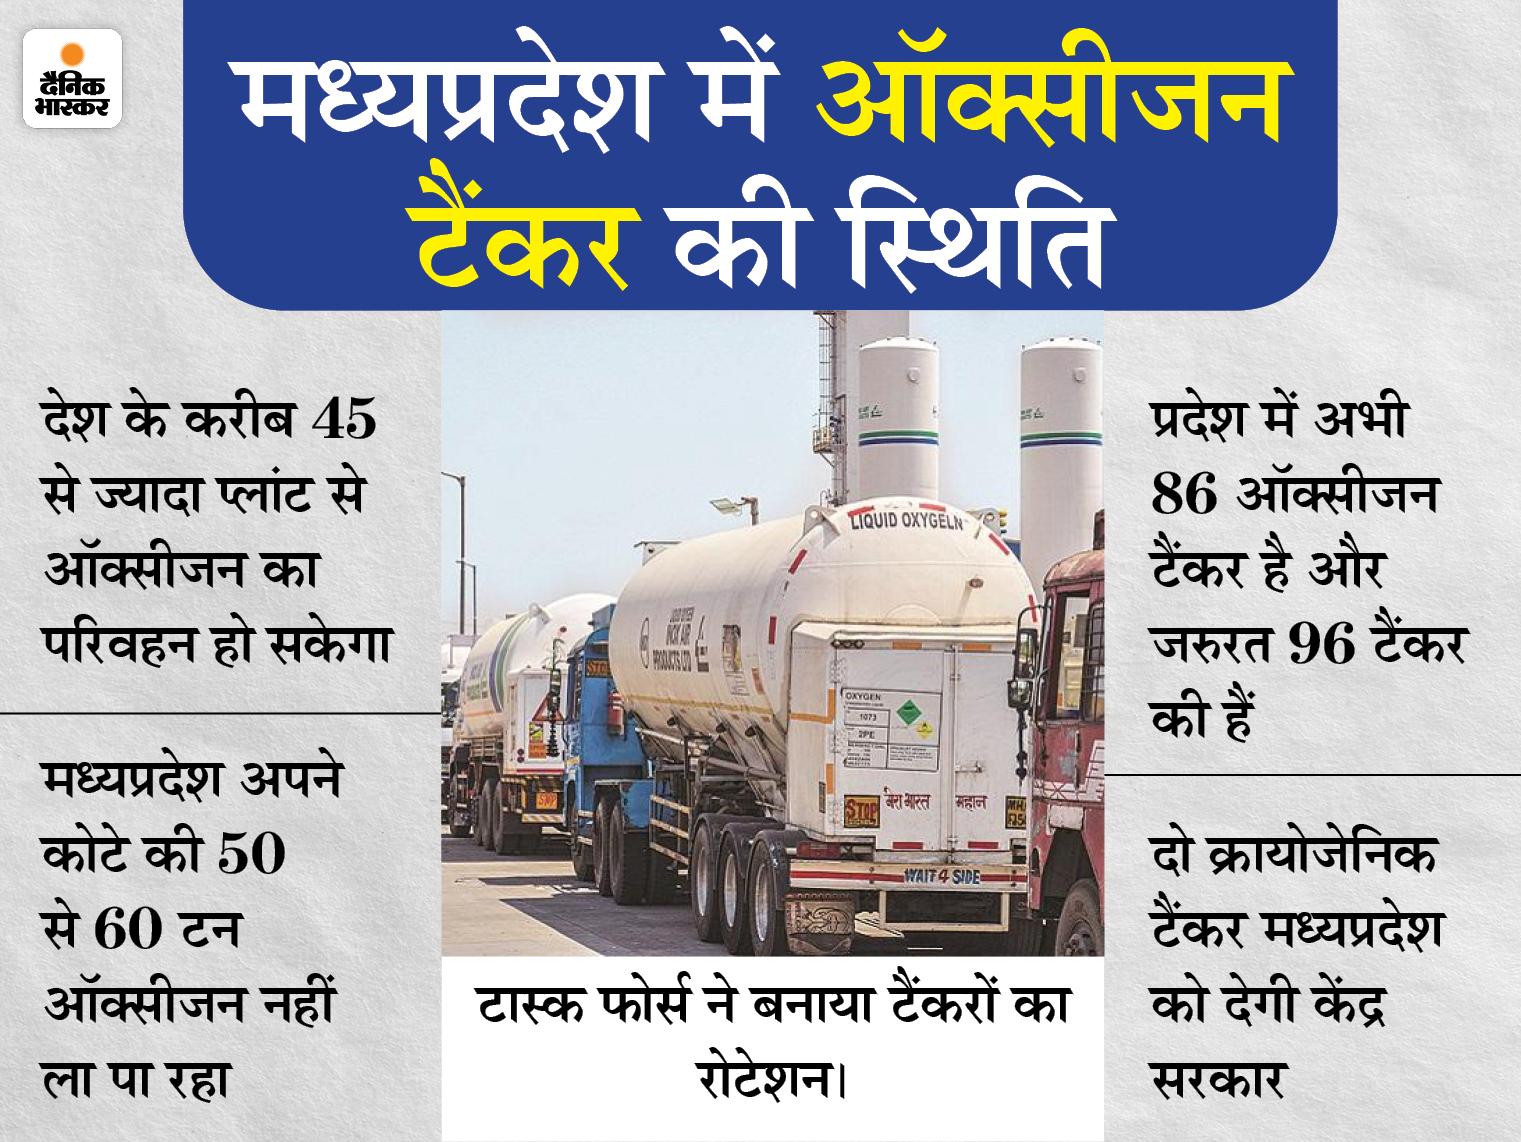 प्रदेश में 86 ऑक्सीजन टैंकर और जरुरत 96 की, अब थाईलैंड से मंगवाए 8 क्रायोजेनिक टैंकर मध्य प्रदेश,Madhya Pradesh - Dainik Bhaskar